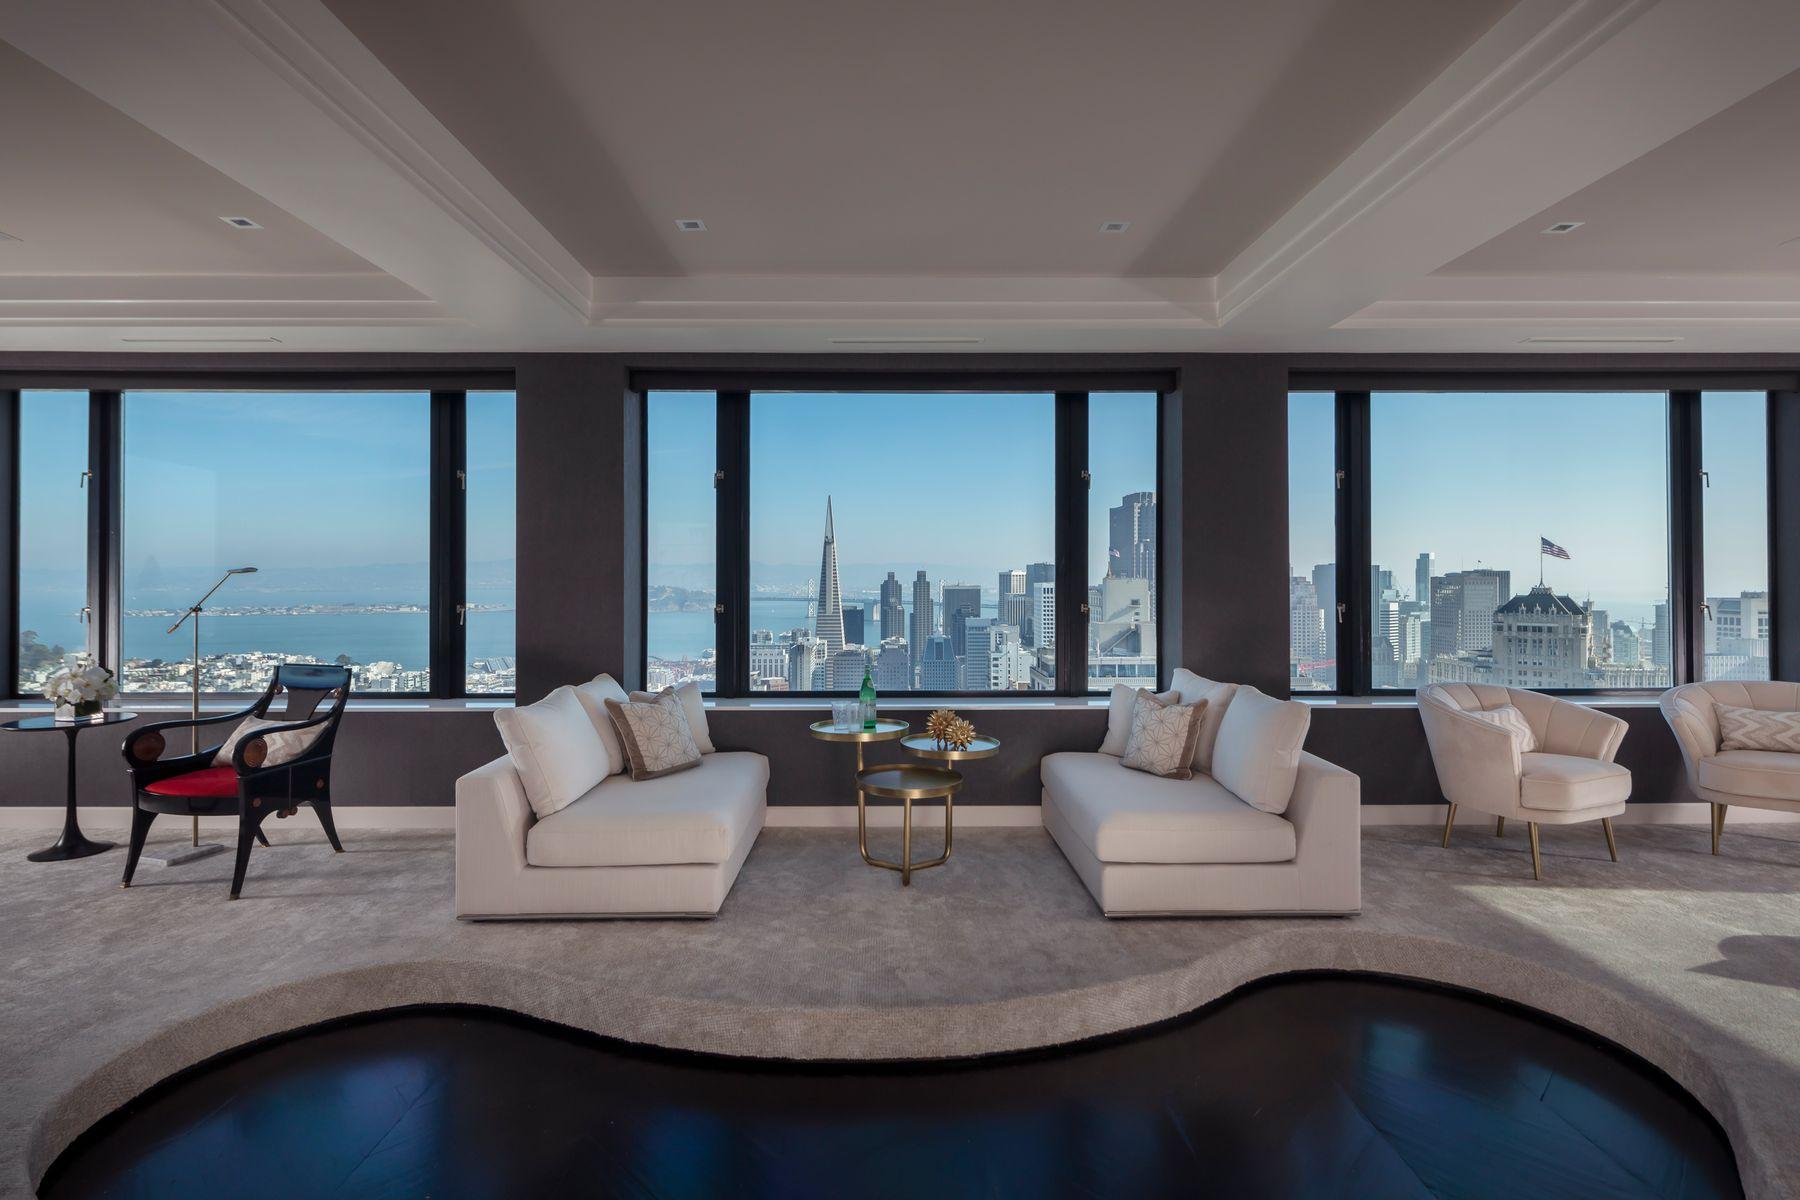 Condominiums 为 销售 在 360 Degree View Nob Hill Penthouse 1250 Jones St Penthouse 1901 旧金山, 加利福尼亚州 94109 美国